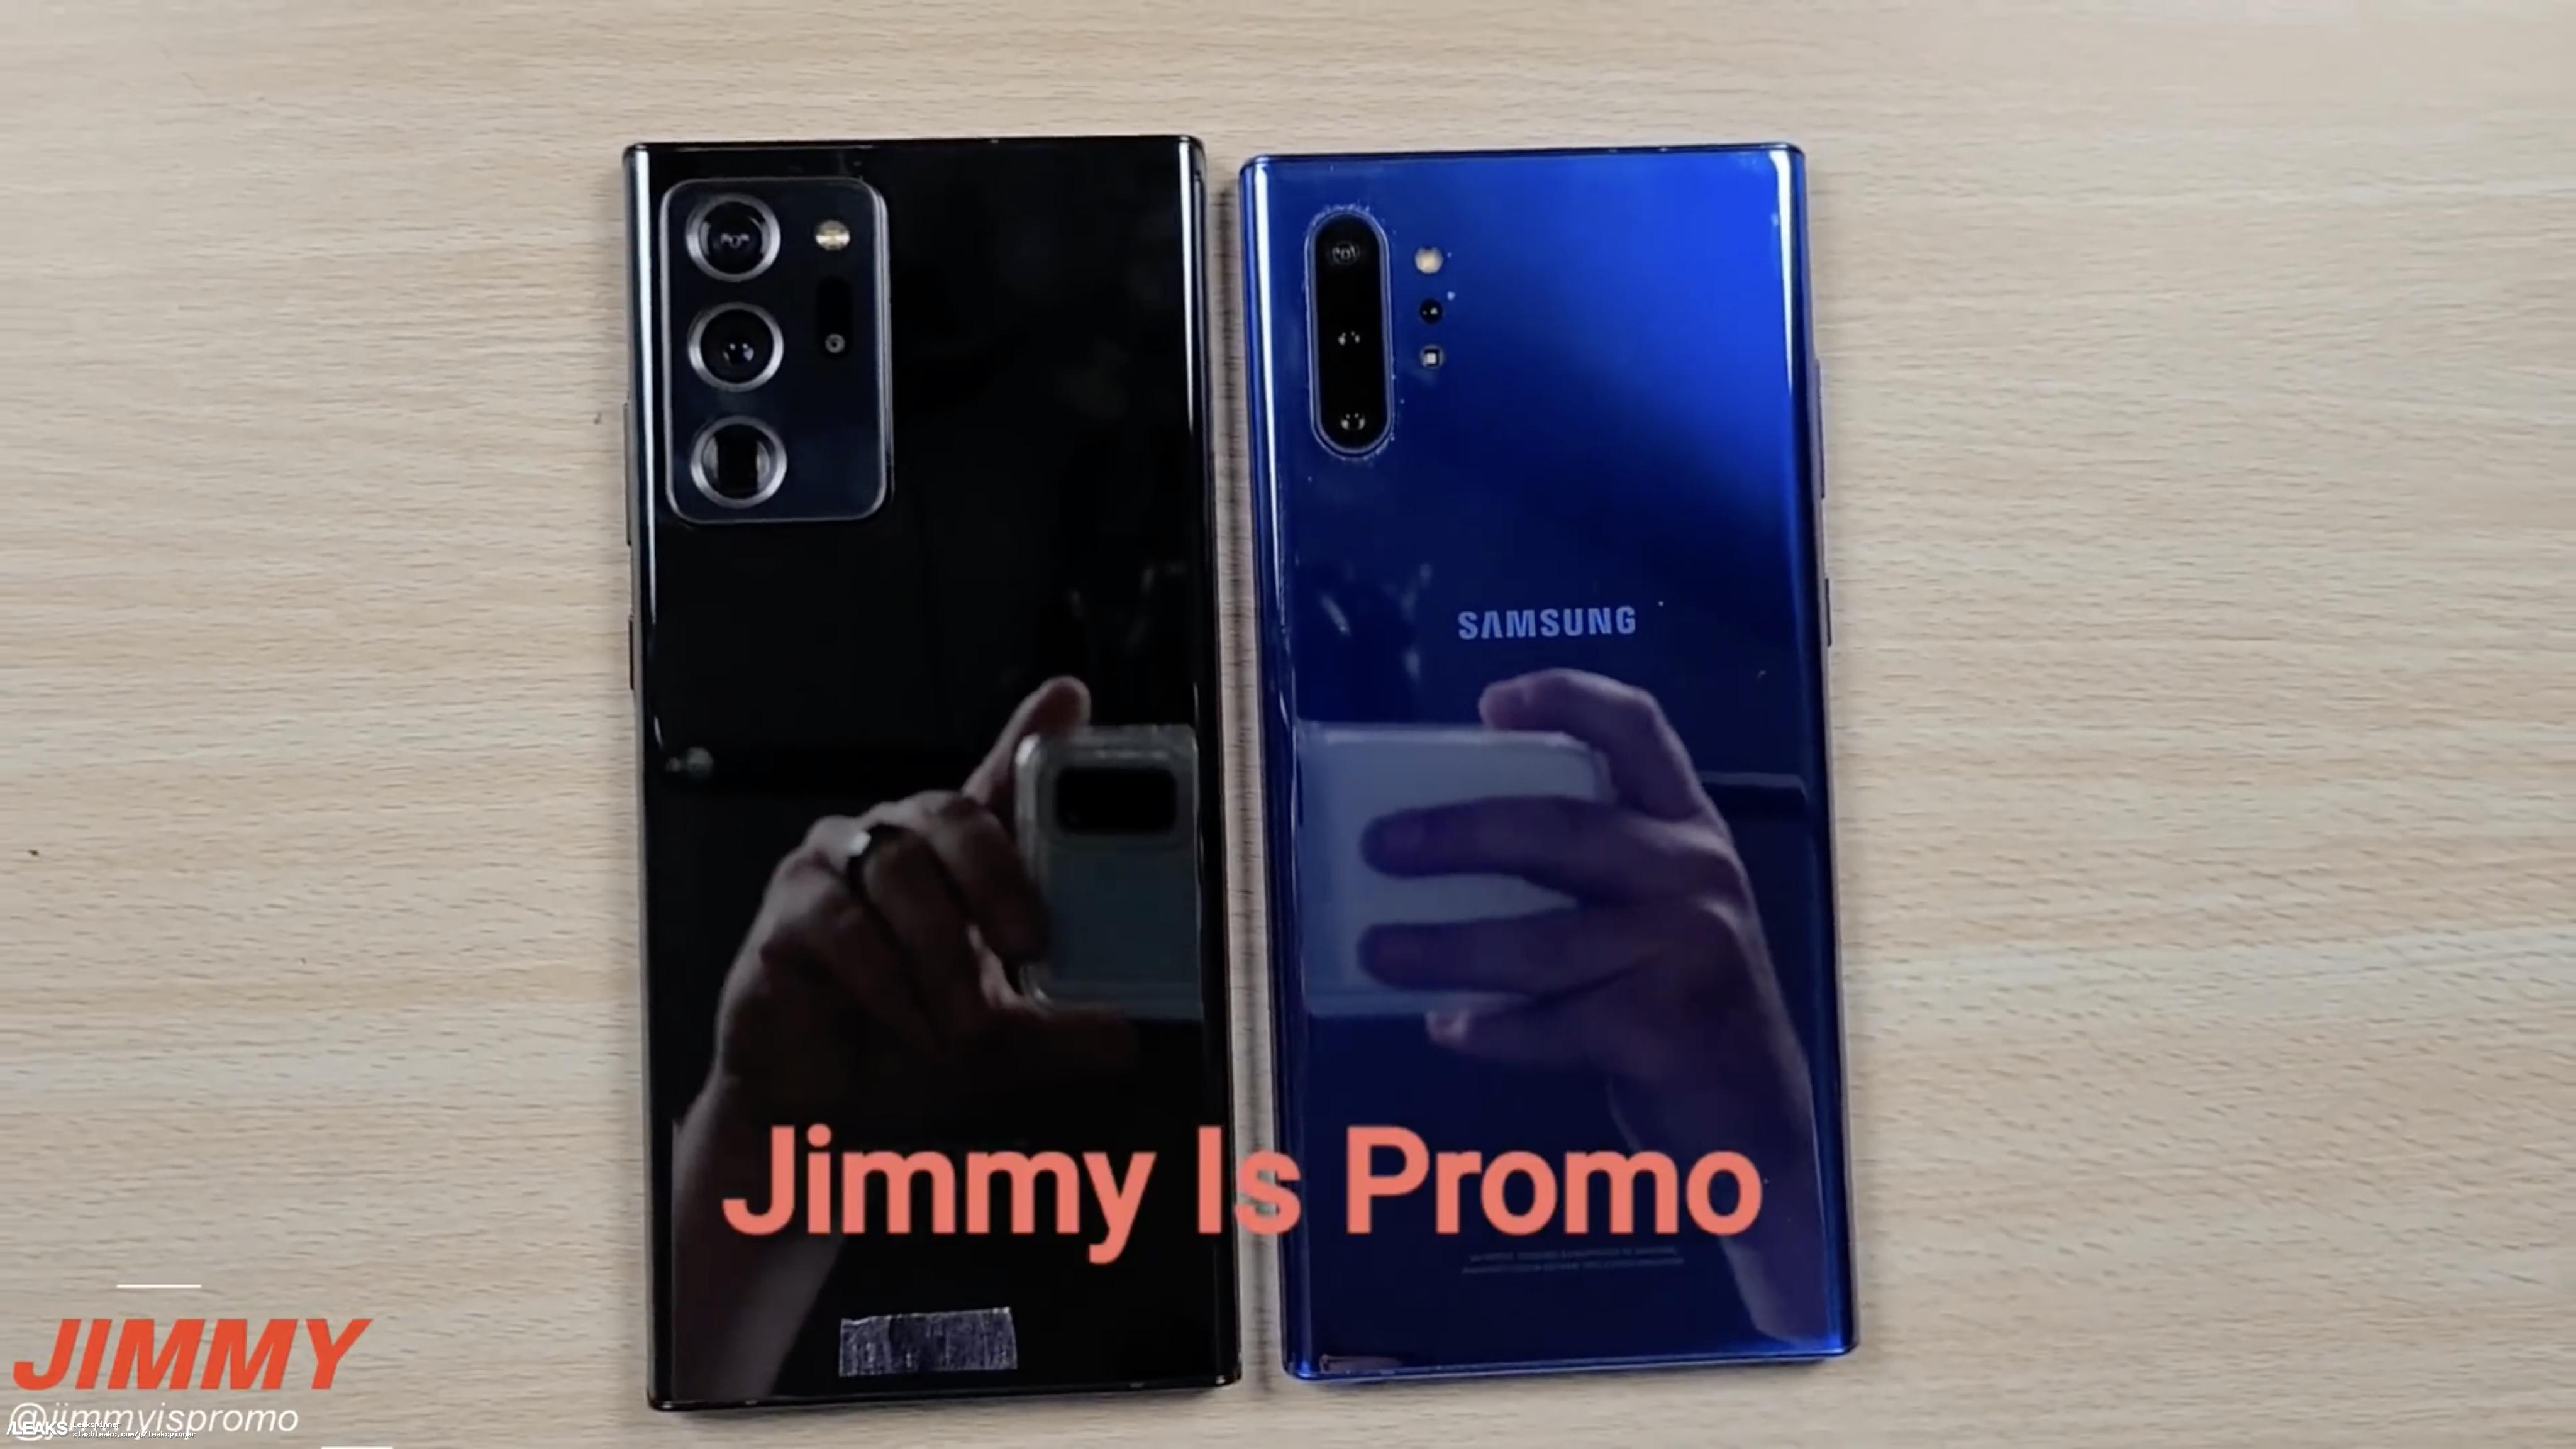 Samsung Galaxy Note 20 Ultra wideo cena S Pen plotki przecieki wycieki specyfikacja dane techniczne kiedy premiera